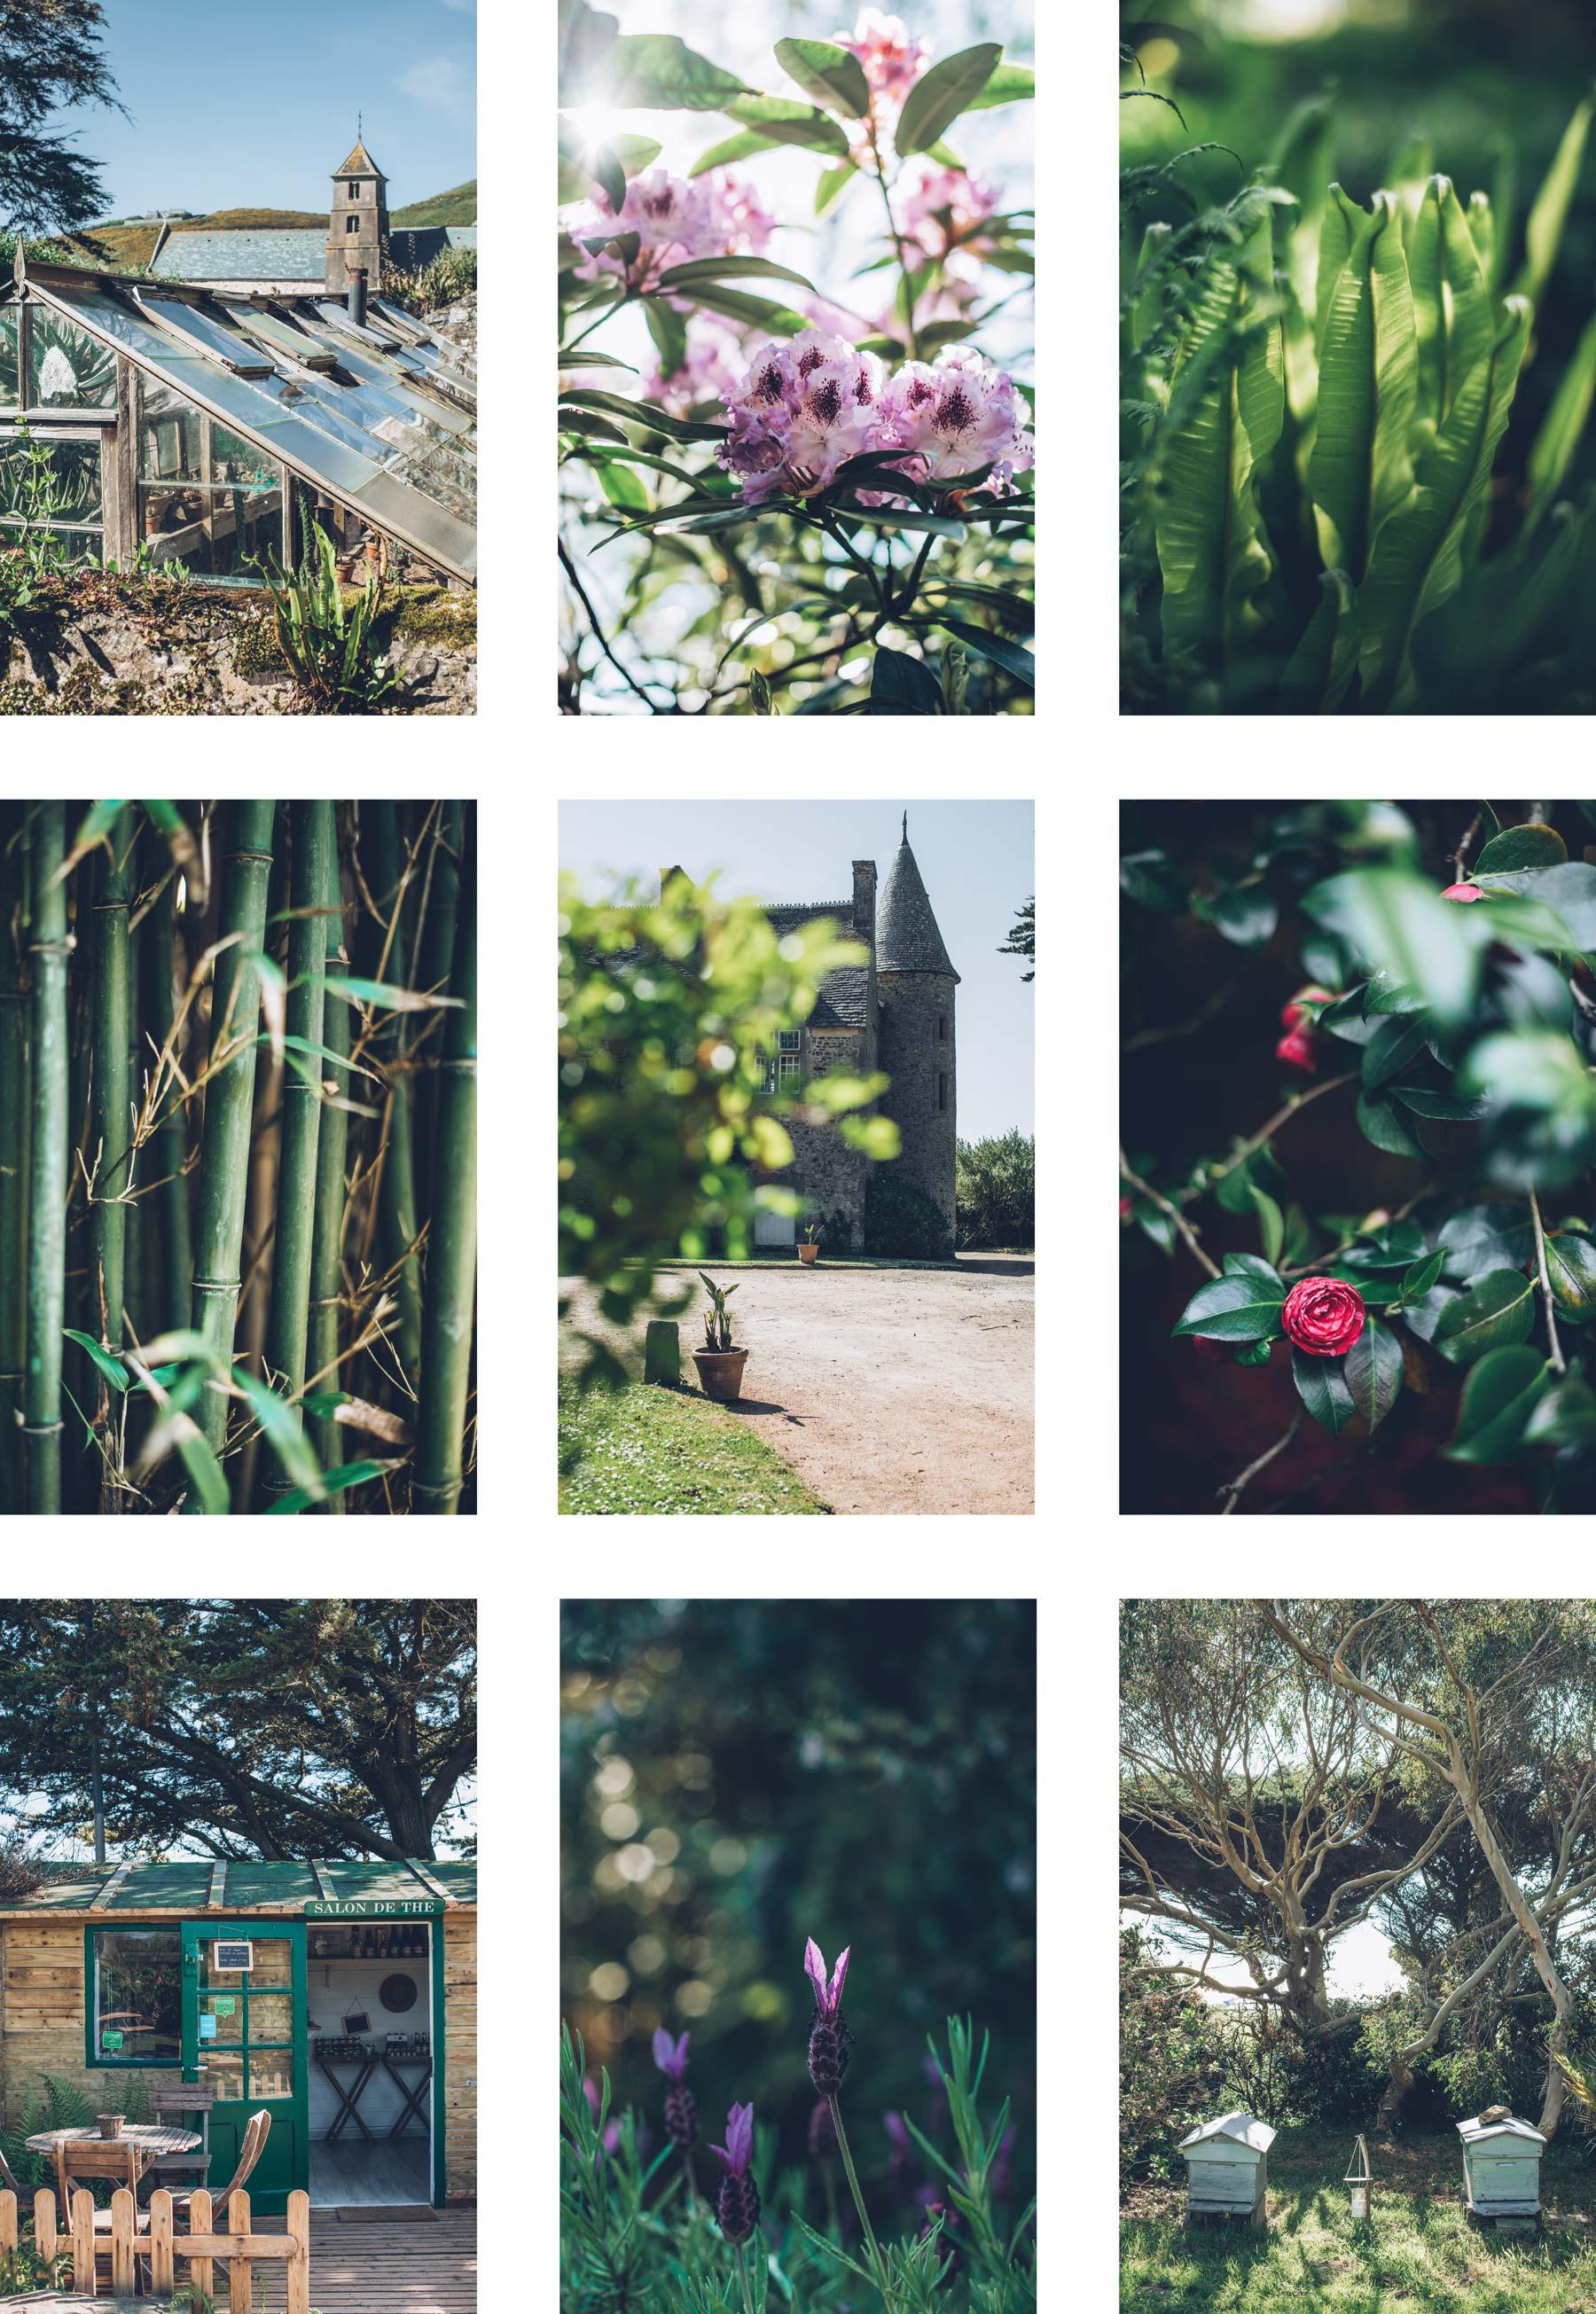 Jardin remarquable en Normandie: Vauville